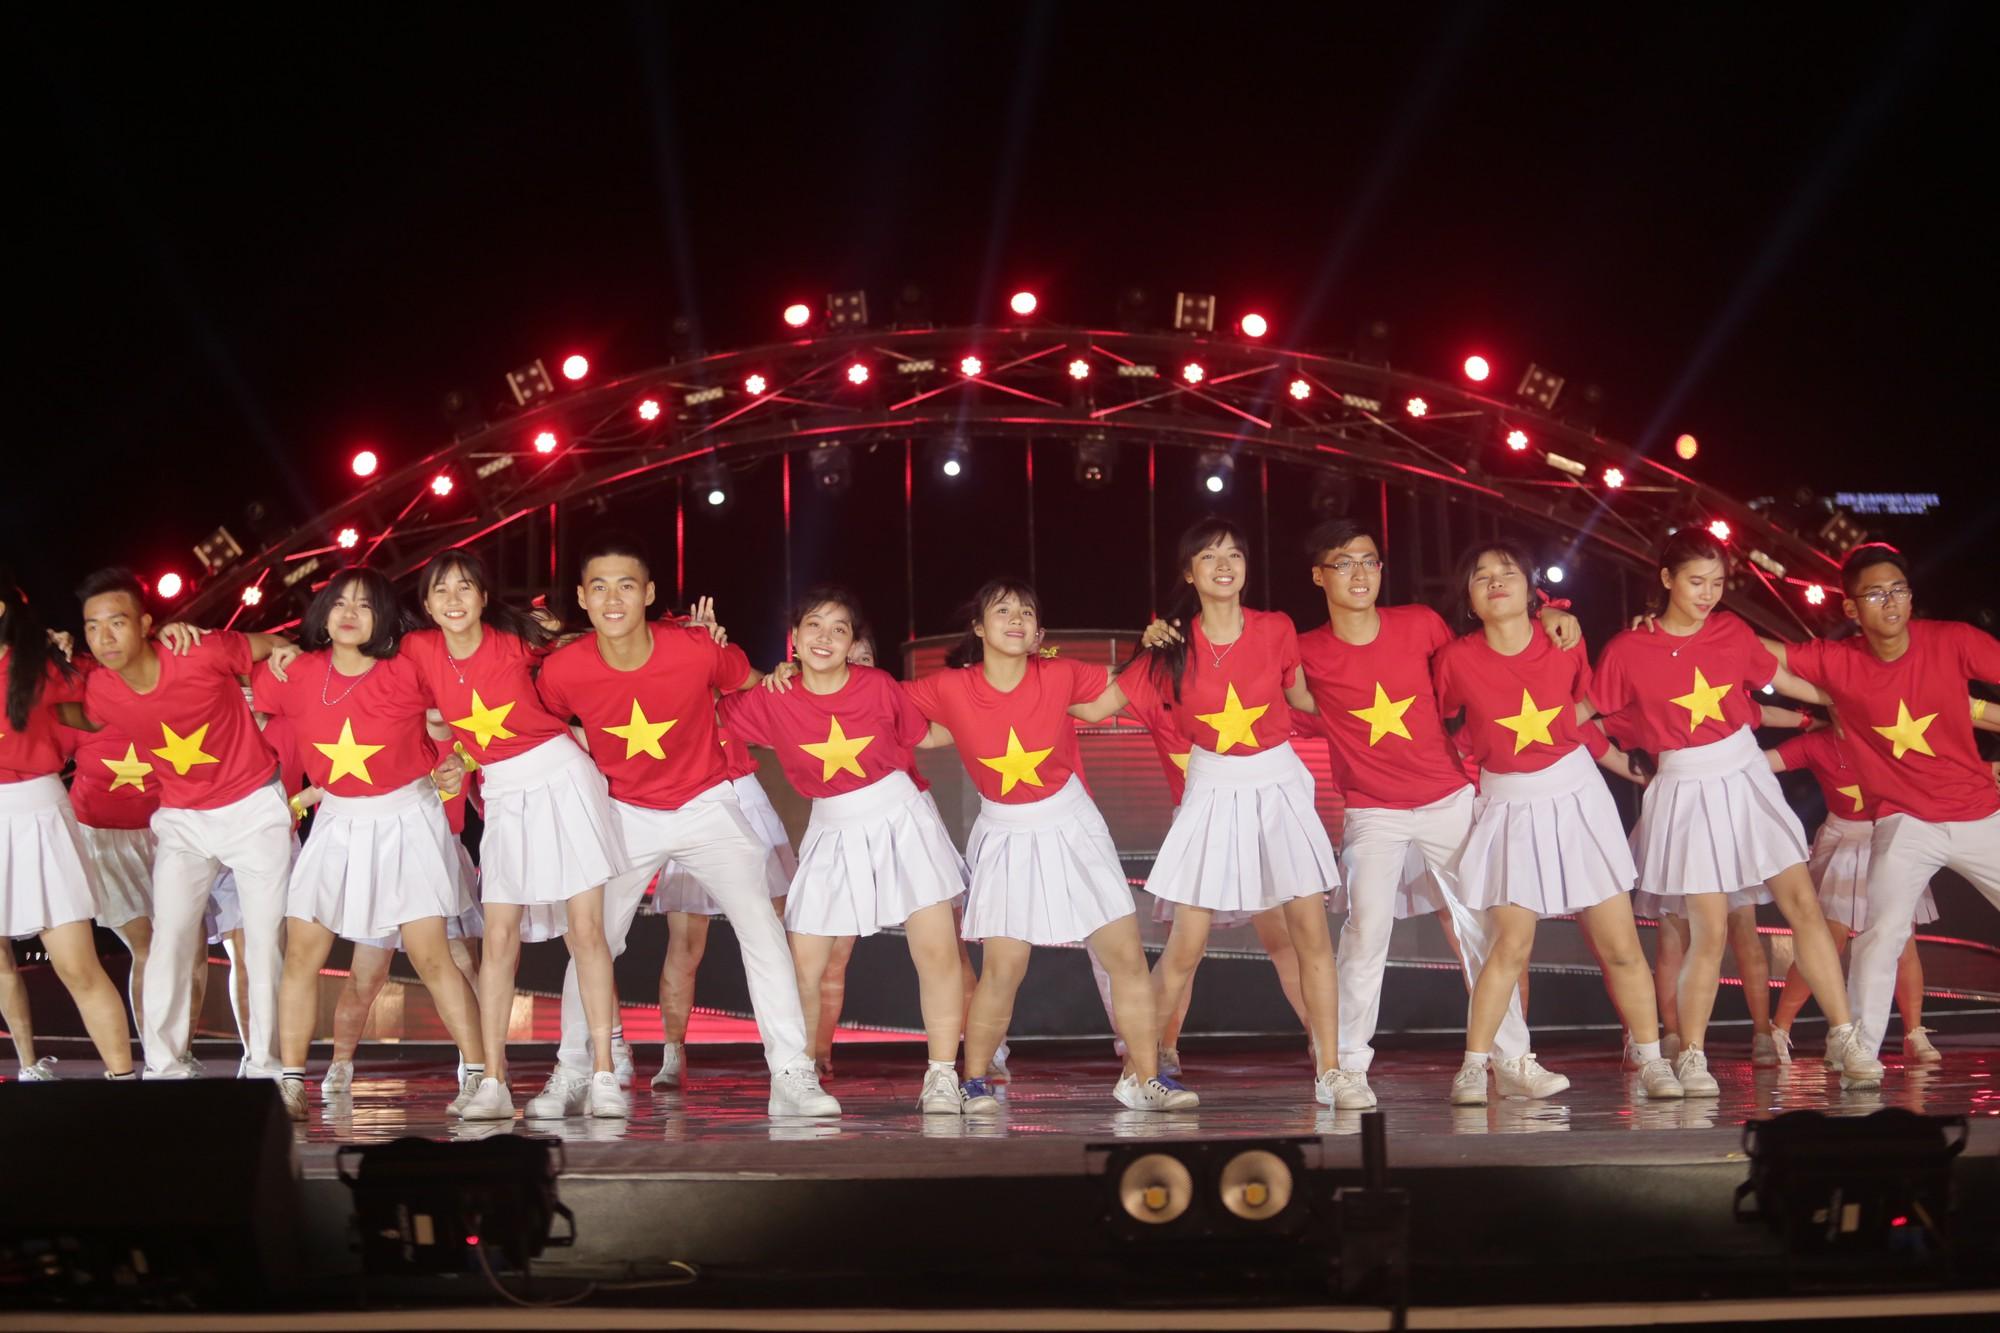 Giới trẻ hào hứng với cuộc thi Flashmob 2019 - Sóng tuổi trẻ toàn quốc - Ảnh 4.